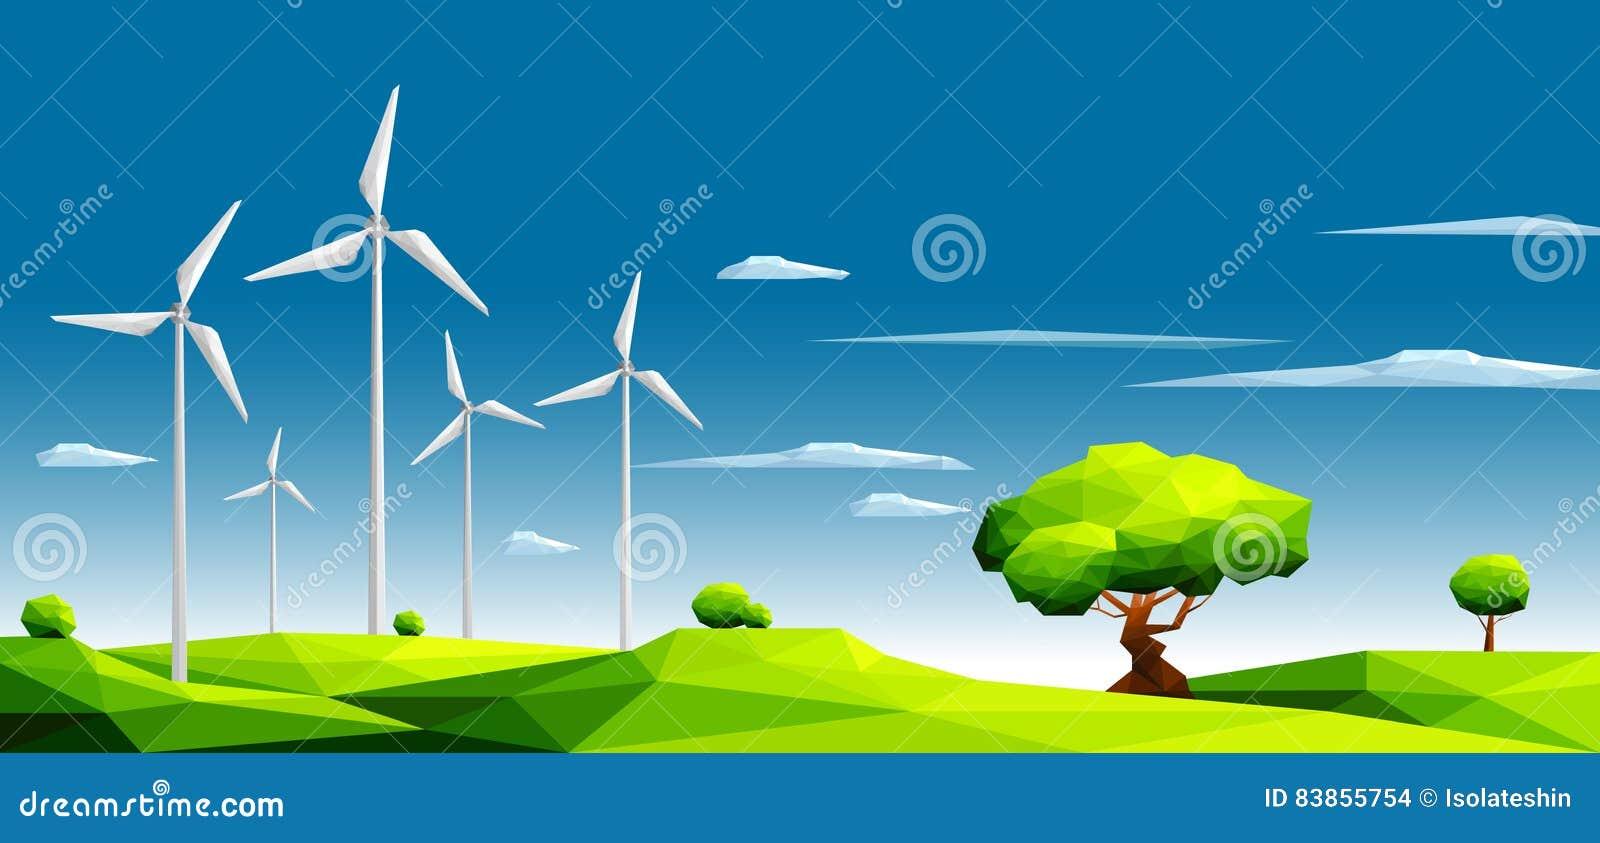 Ajardine com a exploração agrícola de vento em campos verdes entre árvores Conceito da ecologia Estilo poligonal